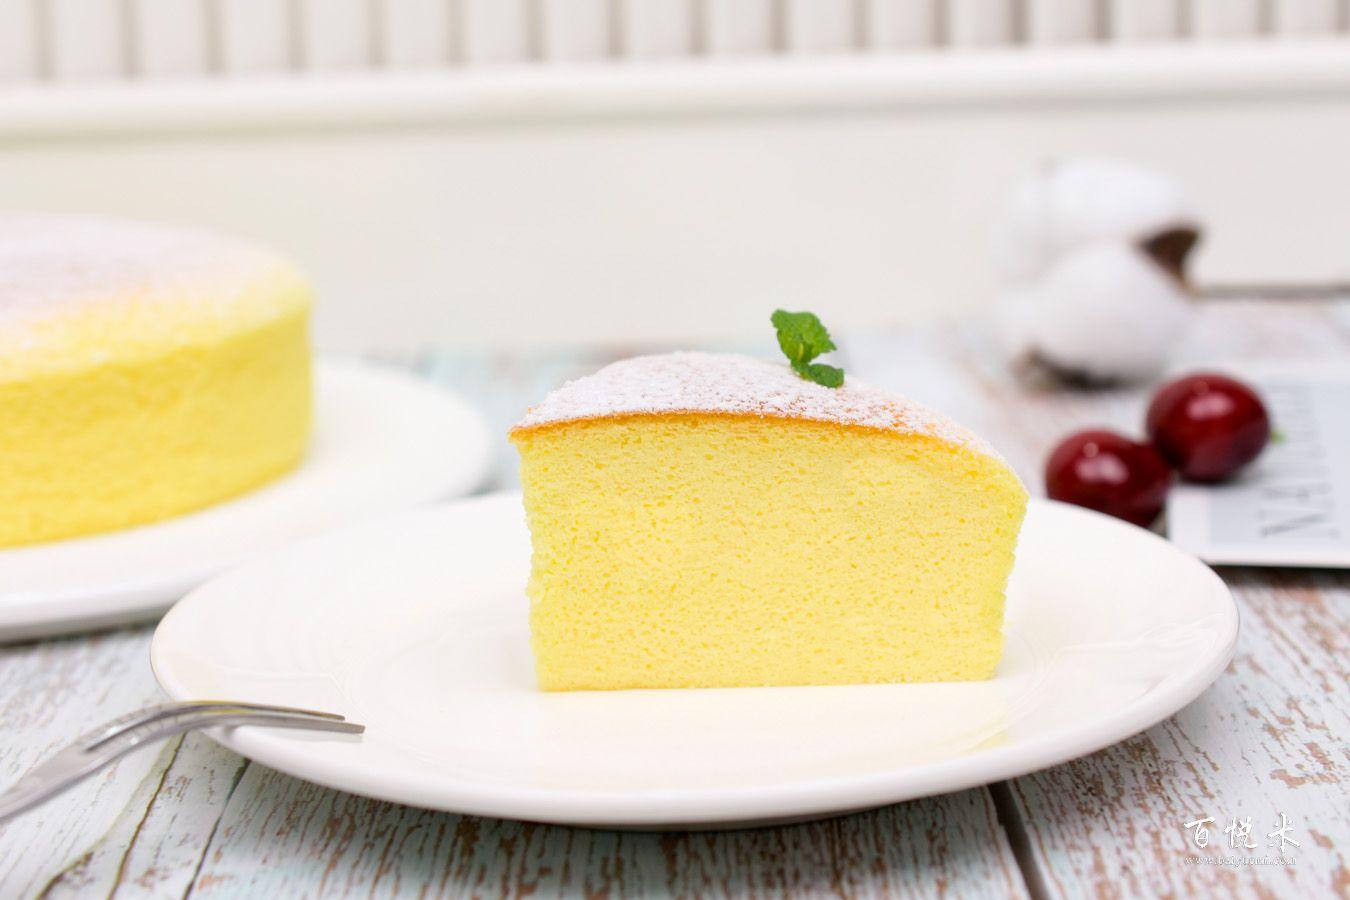 芝士蛋糕的做法大全,芝士蛋糕培训图文教程详解